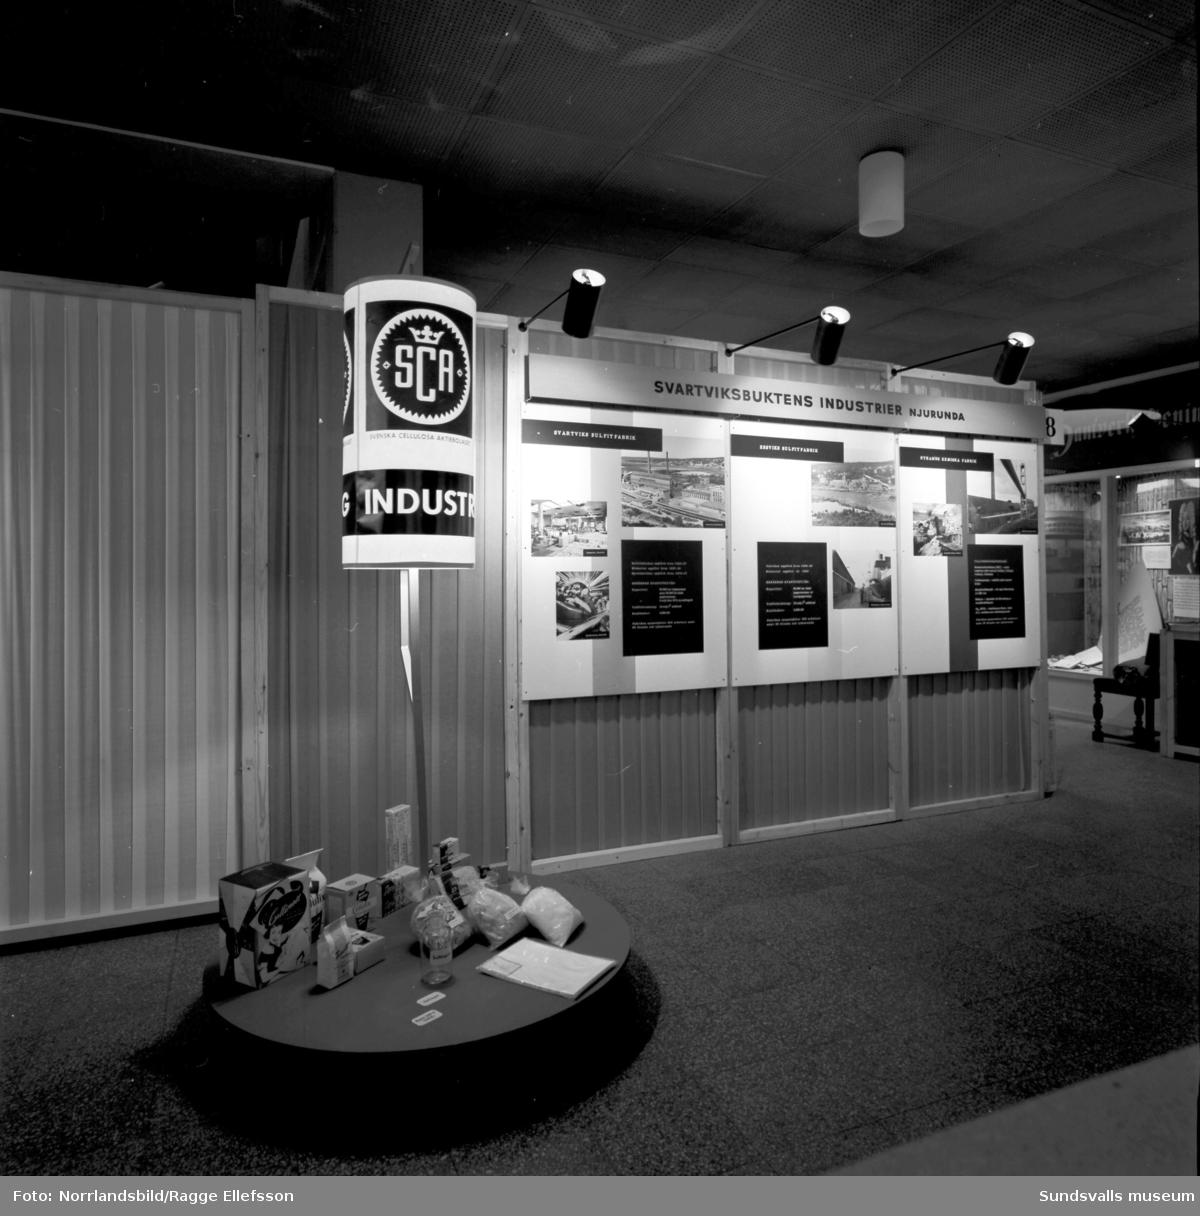 SCA:s skyltningar på Sundsvallsmässan 1963.